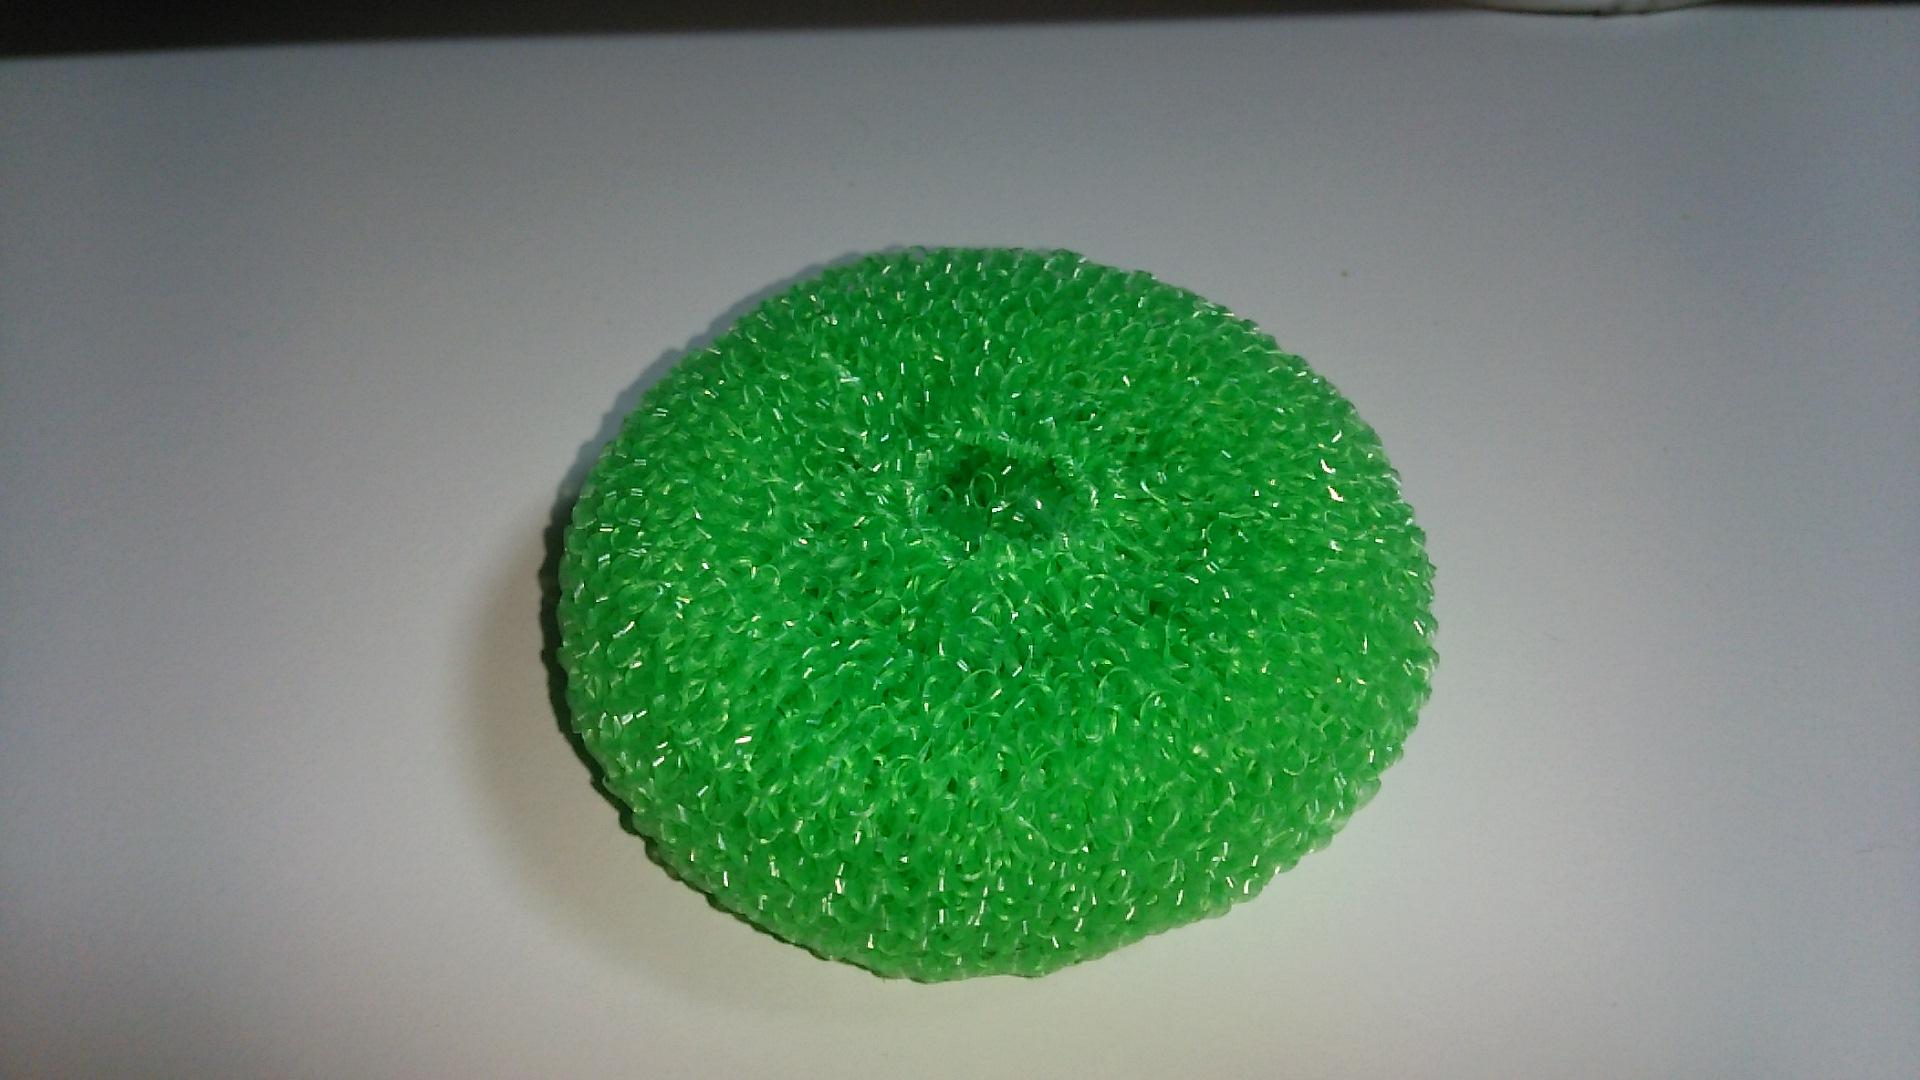 らげ緑1最初